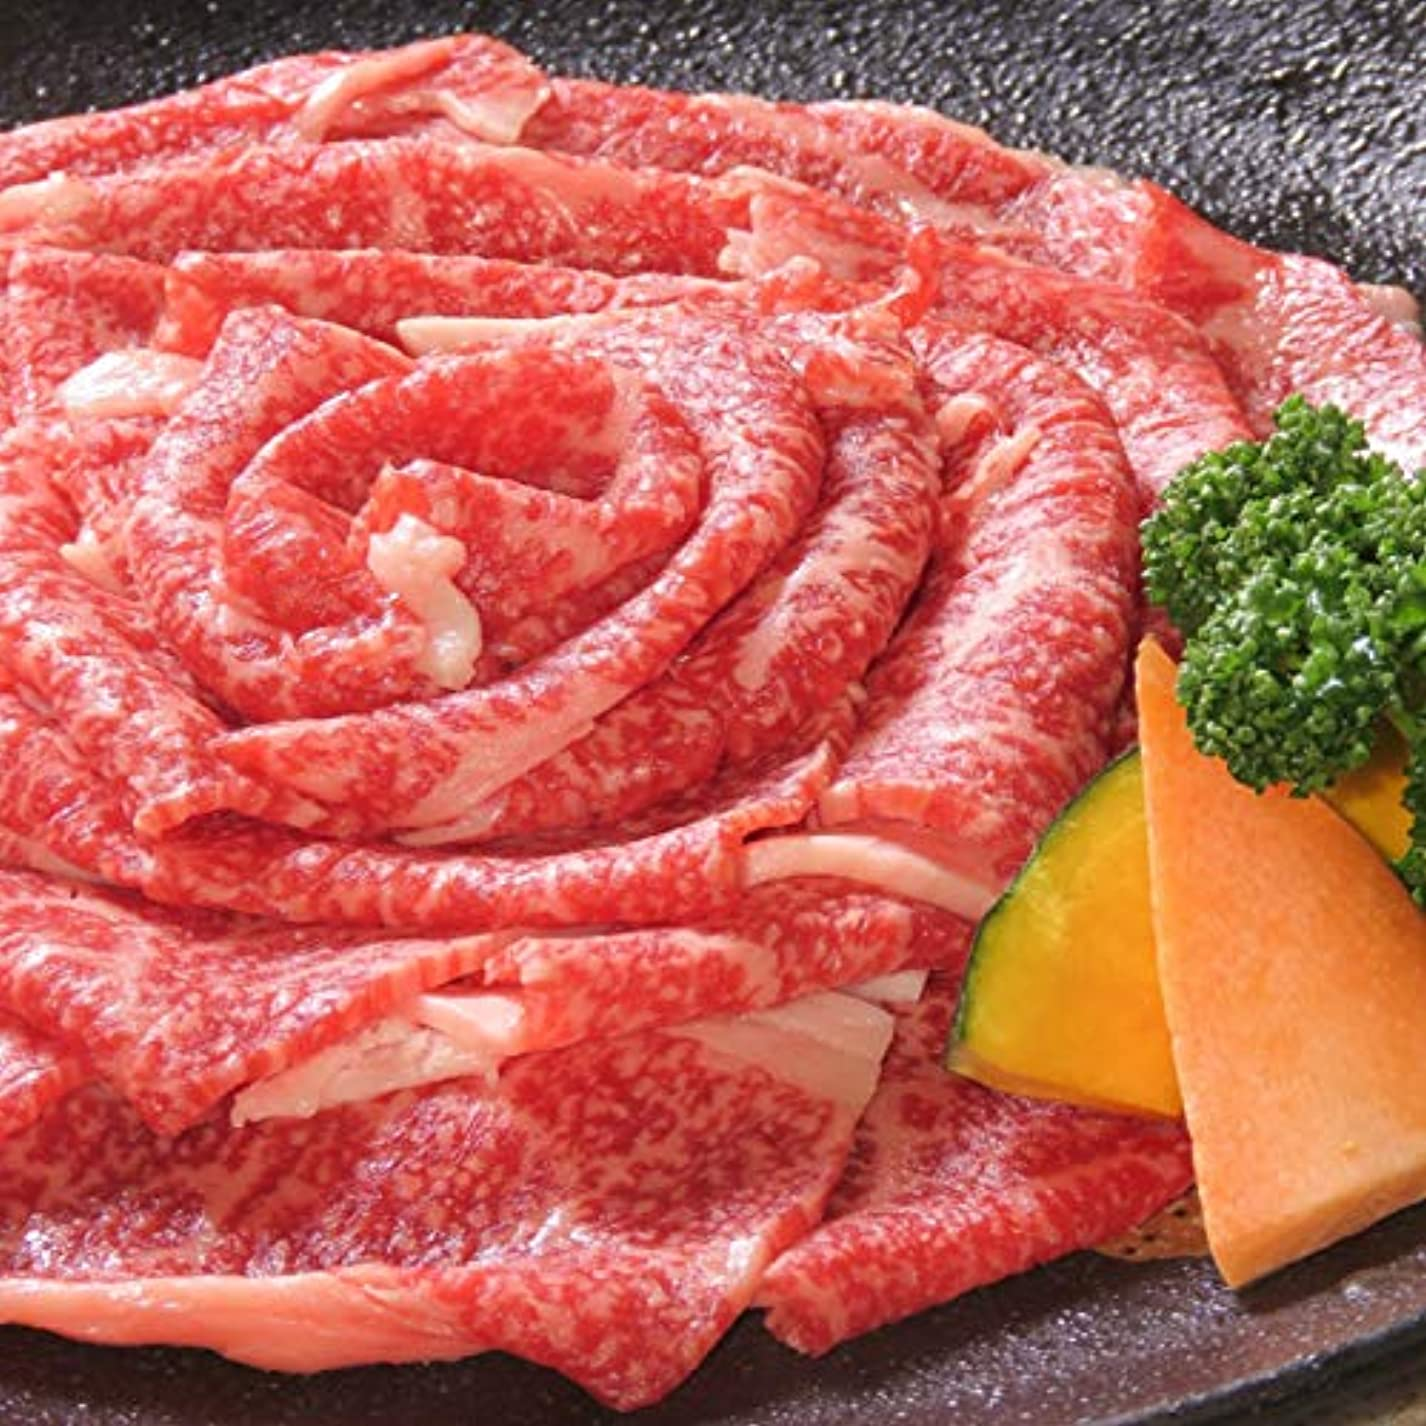 冒険家処方するこする【米沢牛卸 肉の上杉】 米沢牛 ブリスケ 焼肉用 500g ギフト用桐箱